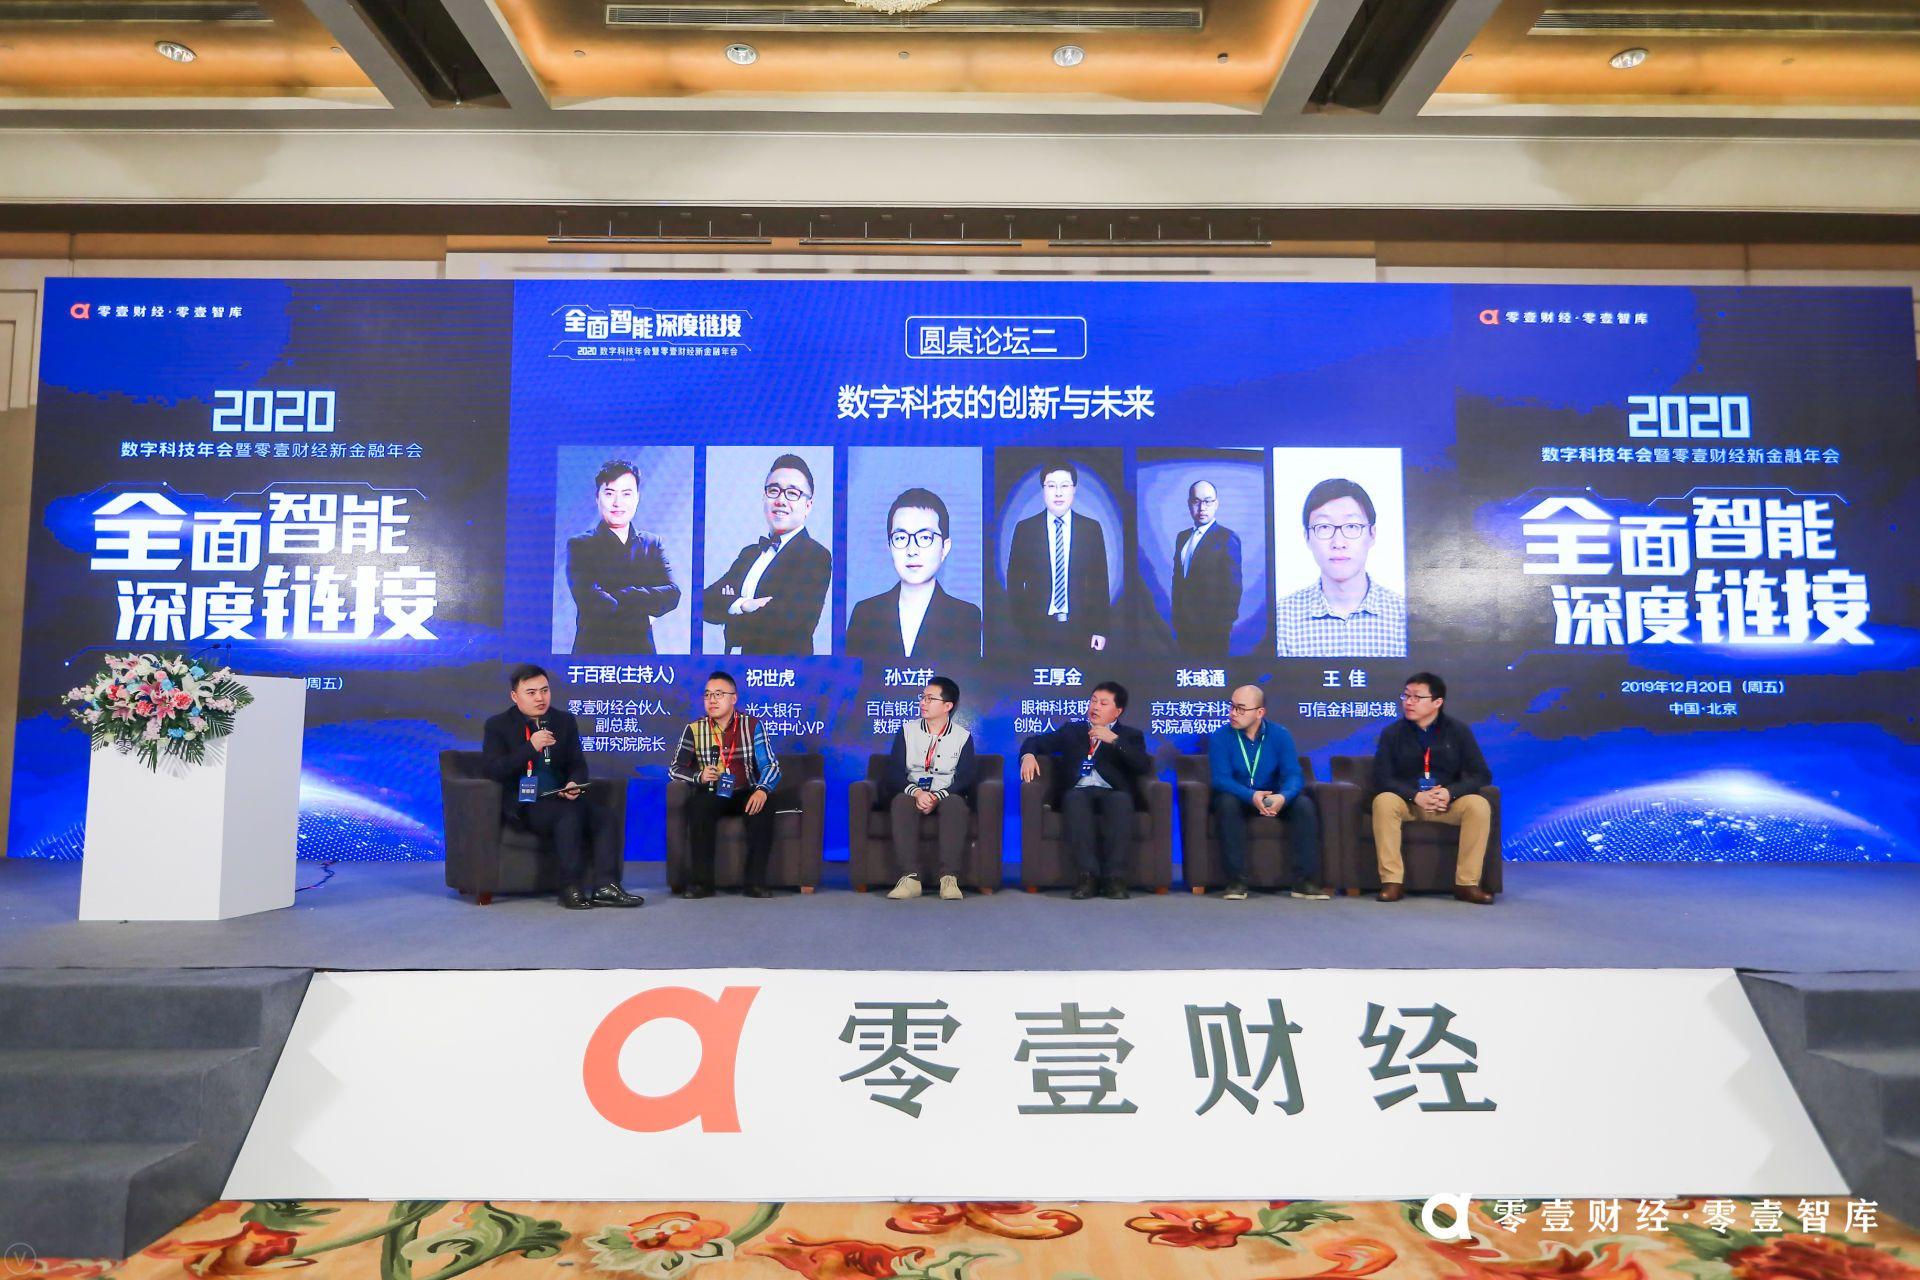 2020零壹财经新金融年会圆桌论坛:数字科技的创新与未来